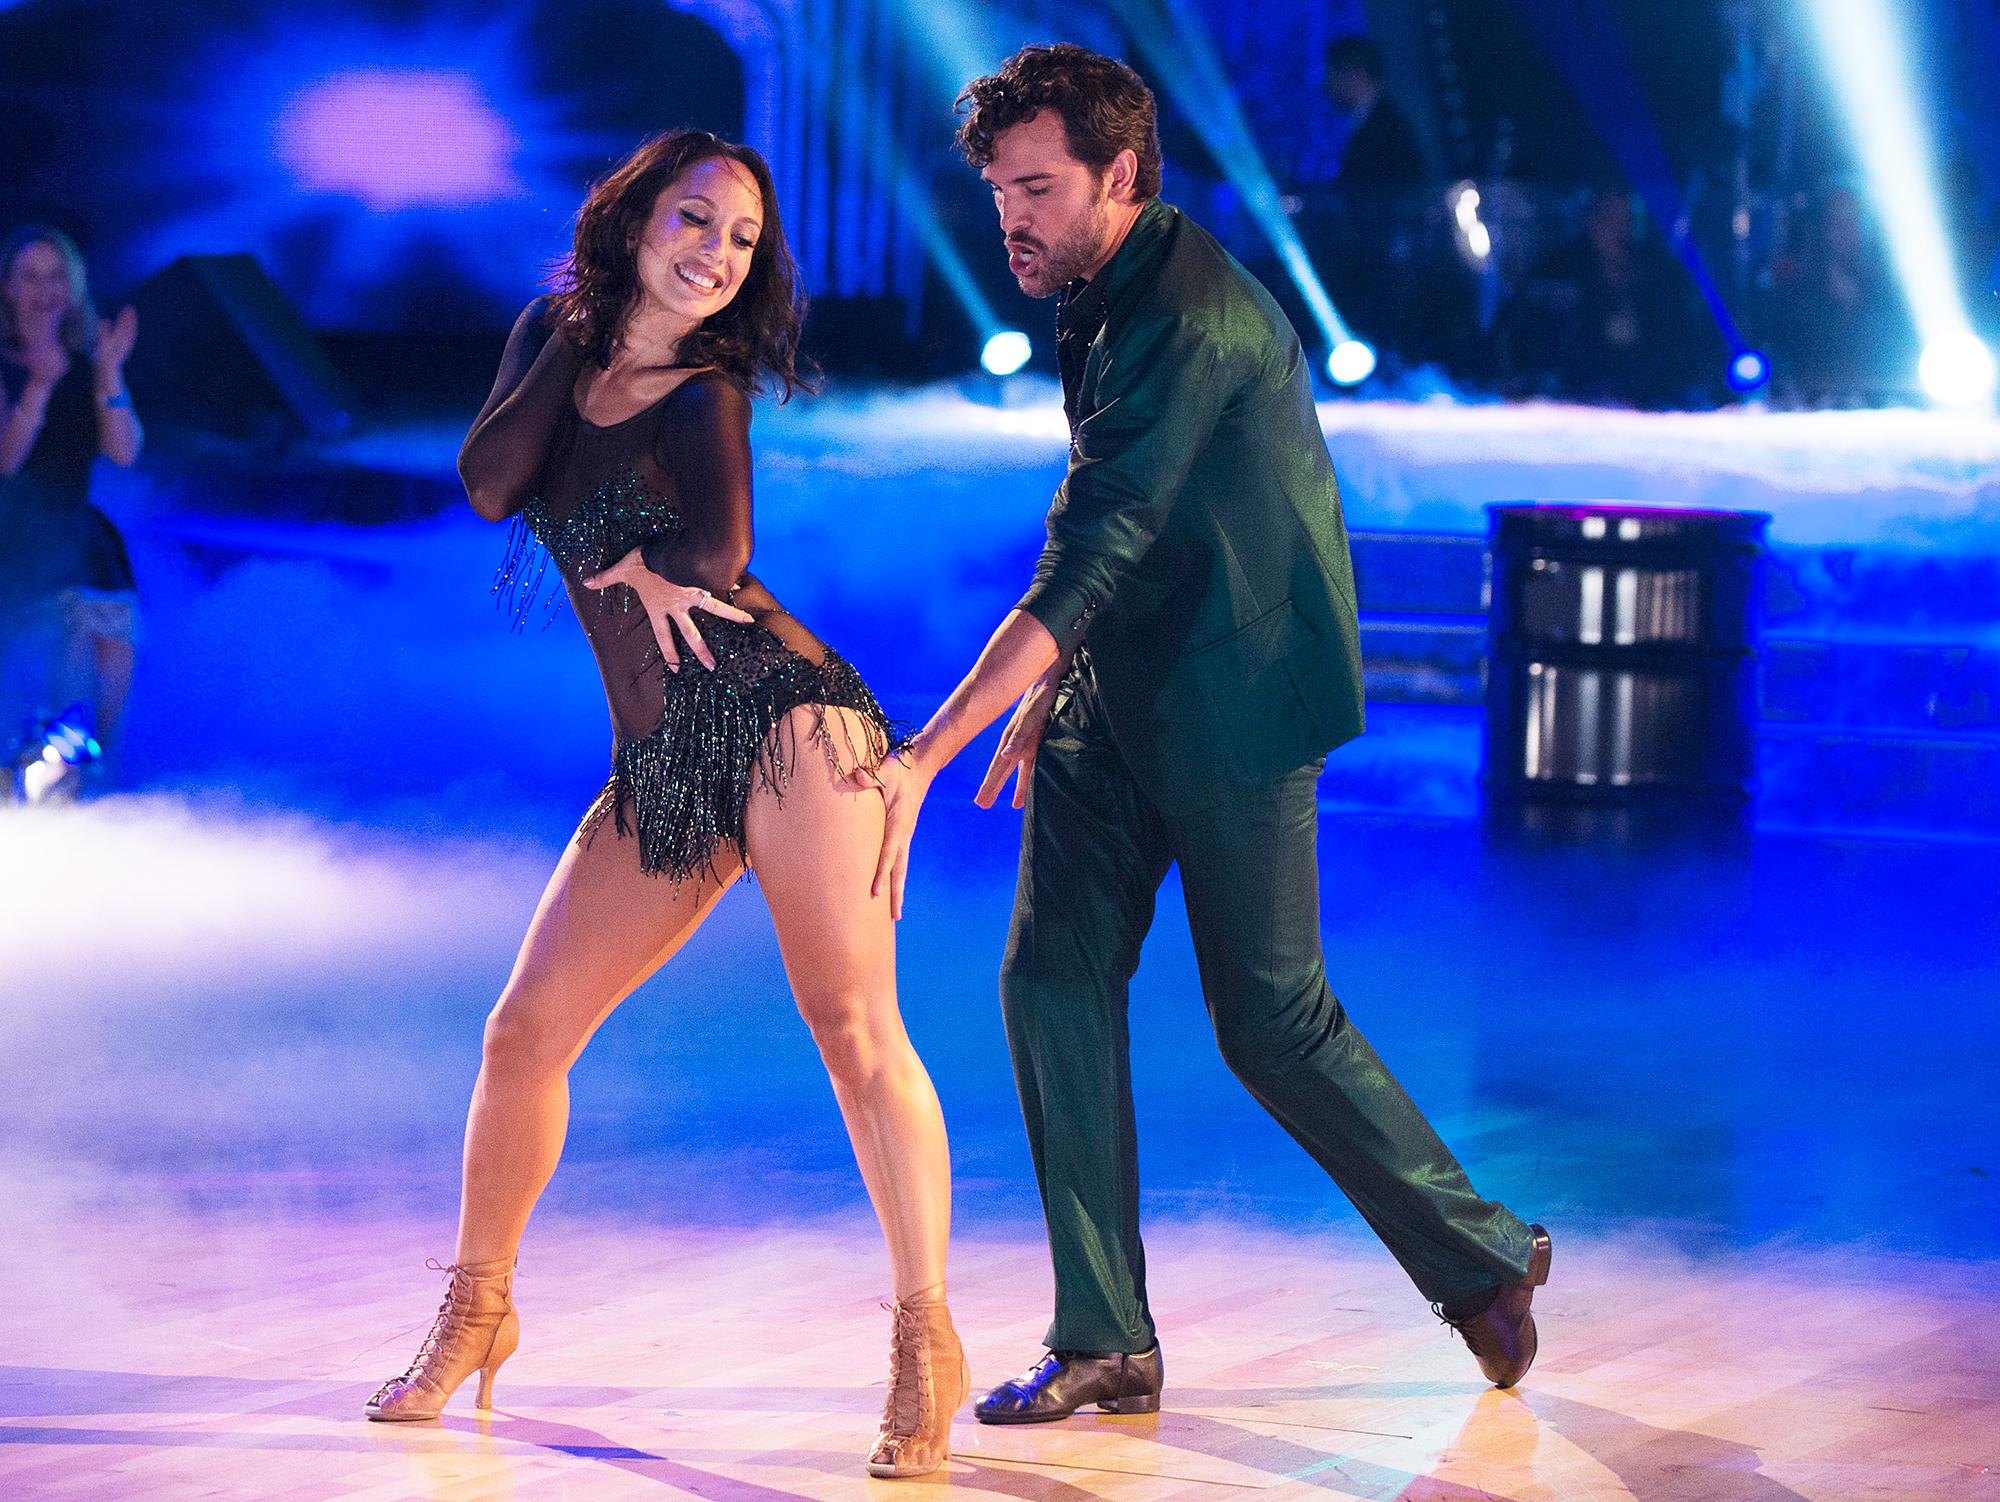 Cheryl Burke Juan Pablo Di Pace Dancing With The Stars - Cheryl Burke and Juan Pablo Di Pace on 'Dancing With The Stars.